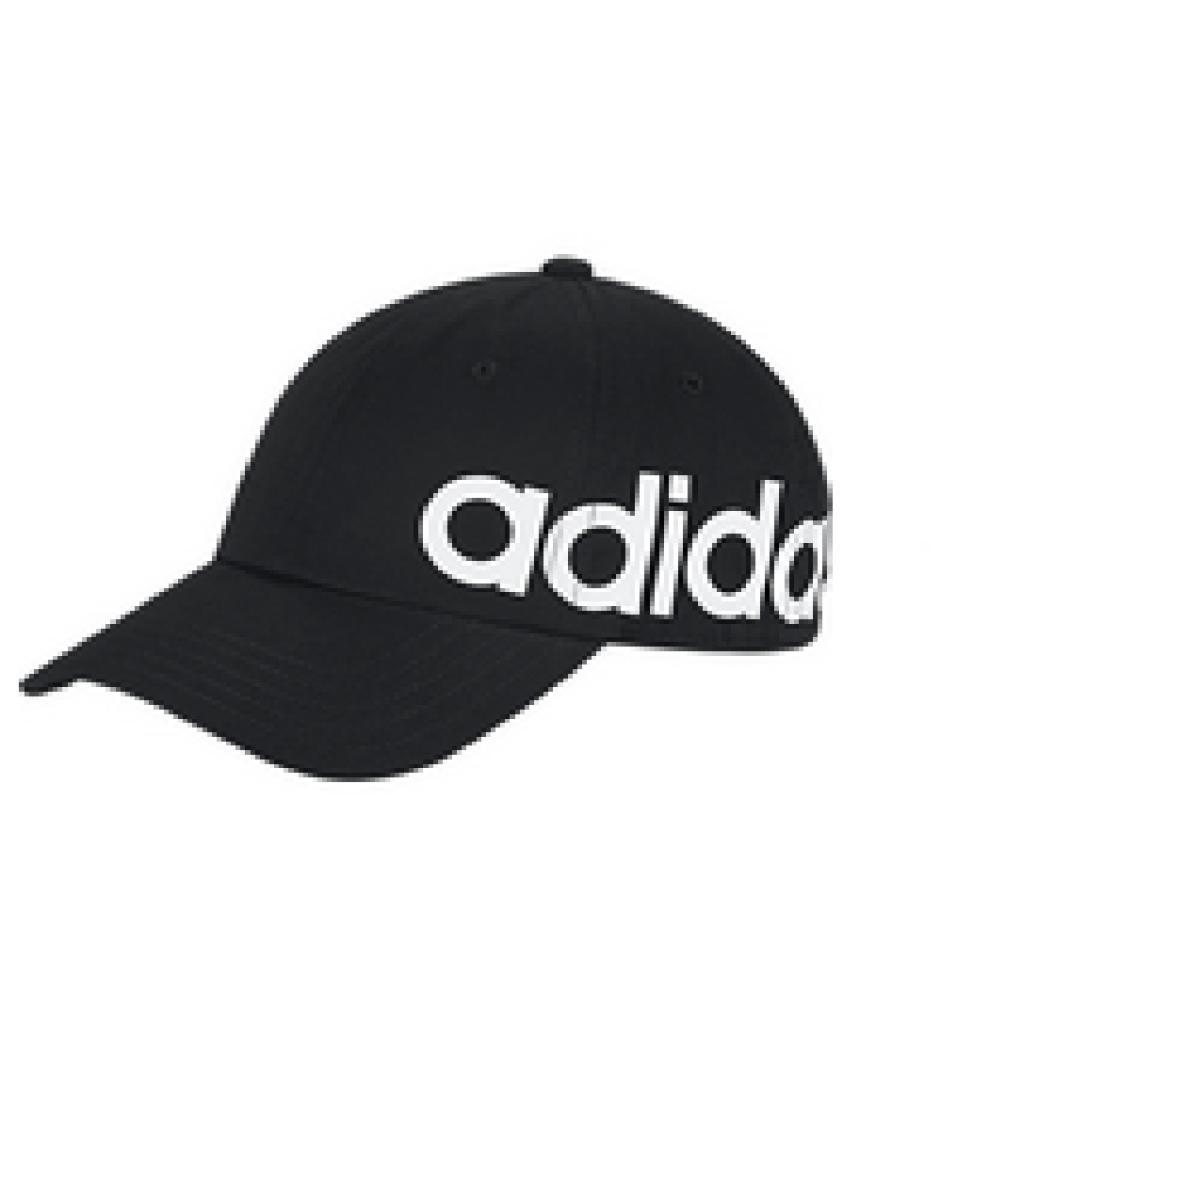 Boné Unisex Adidas Ed0318 Bsbll Lnr Bld Preto